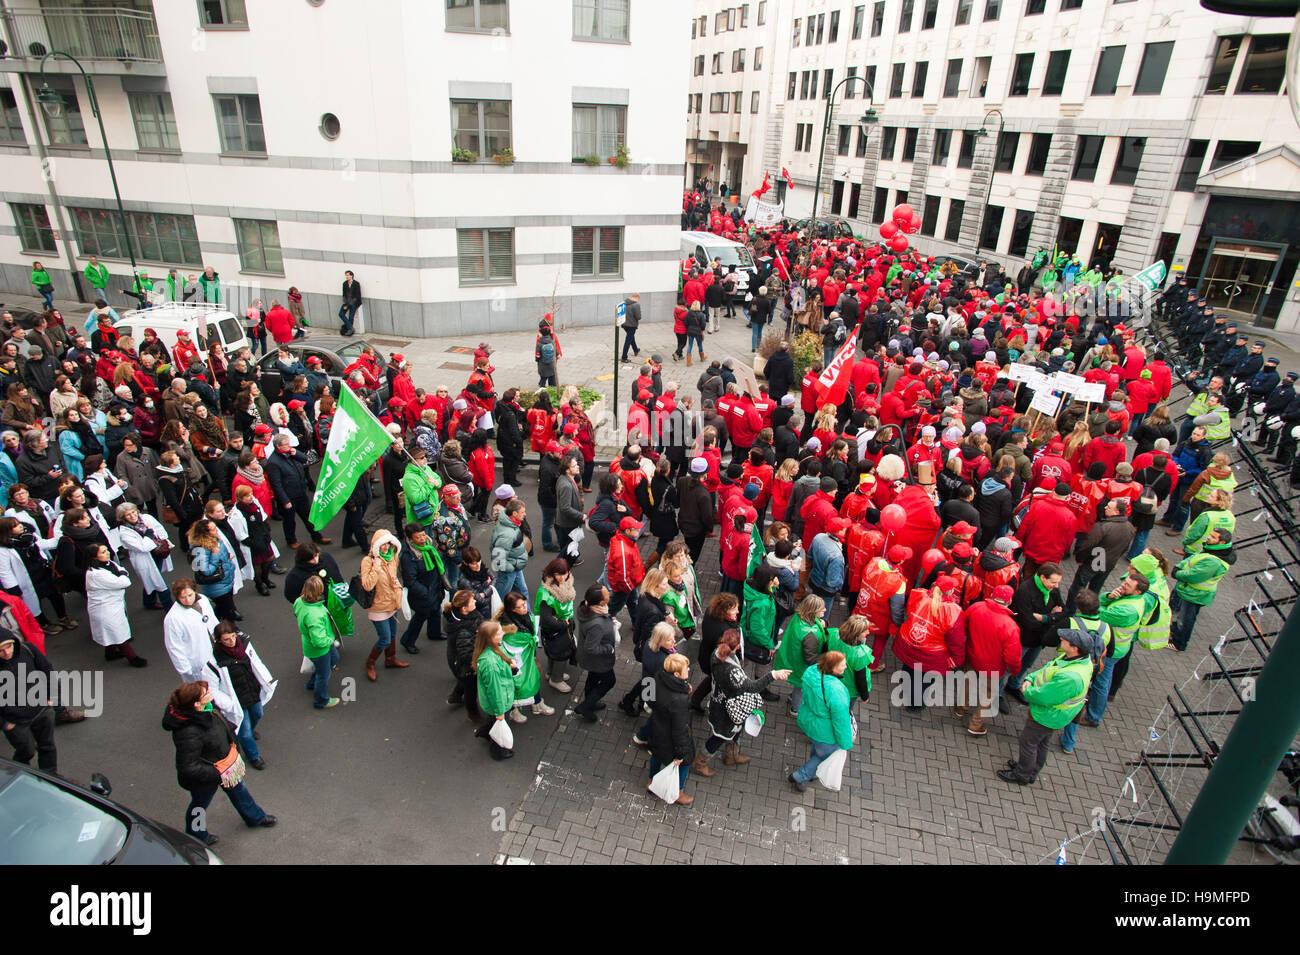 Brussels, Belgium  24th Nov, 2016  Demonstrators shouting